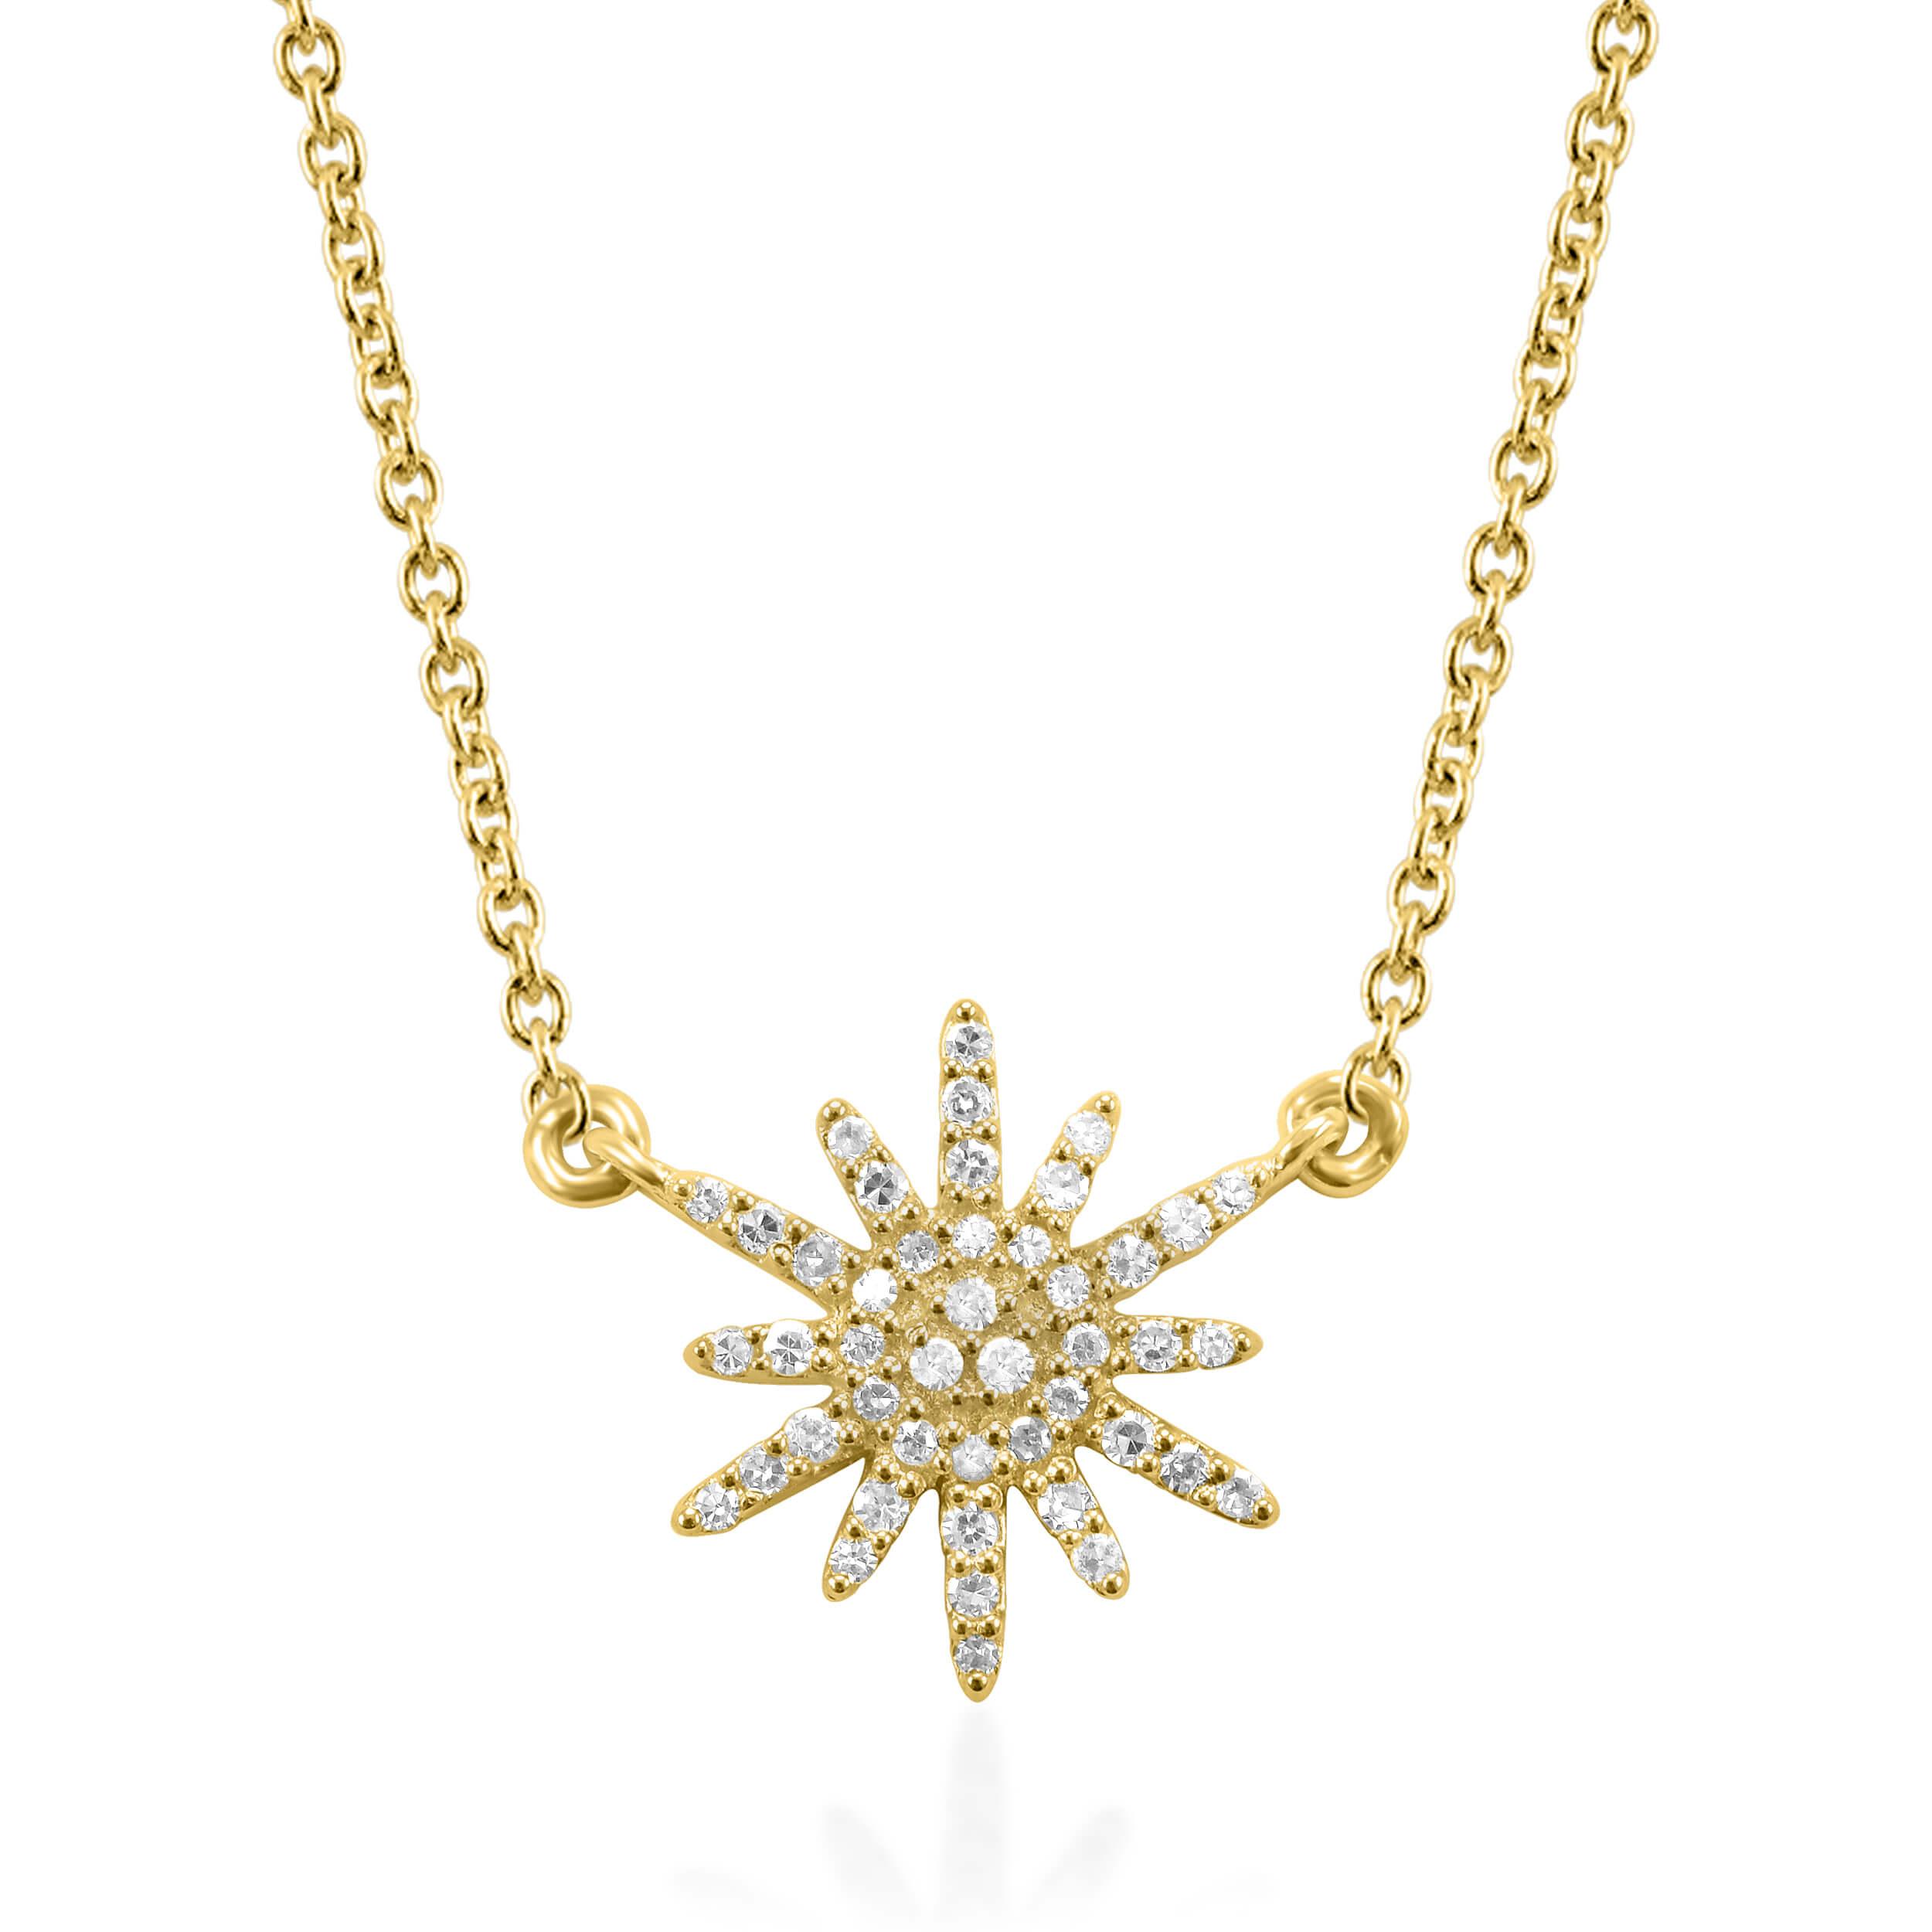 תליון ושרשרת זהב צהוב 14 קראט כוכב משובץ יהלומים